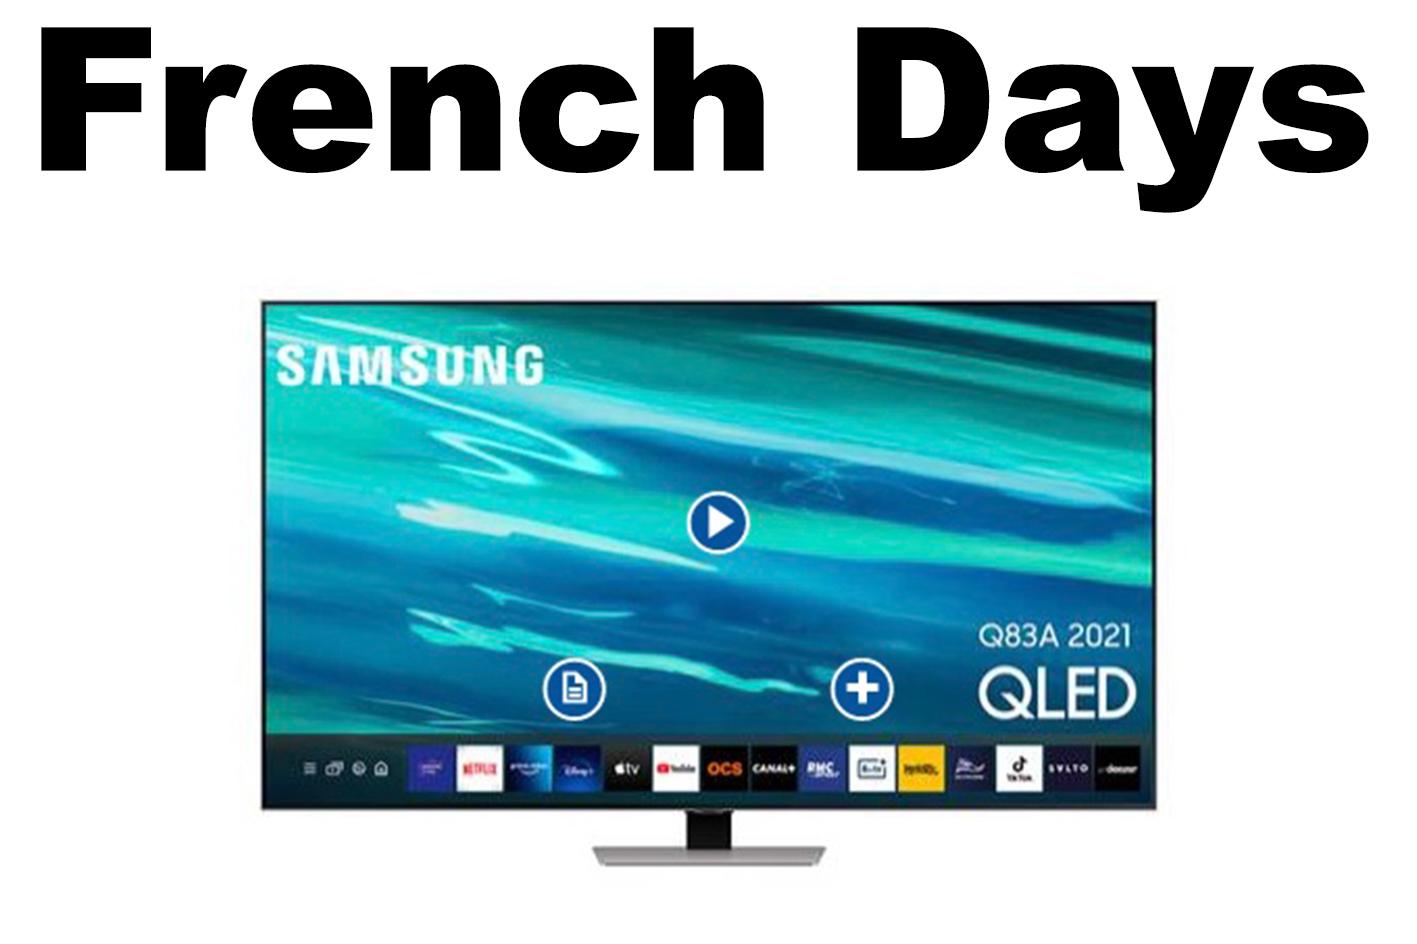 French Days TV 4K